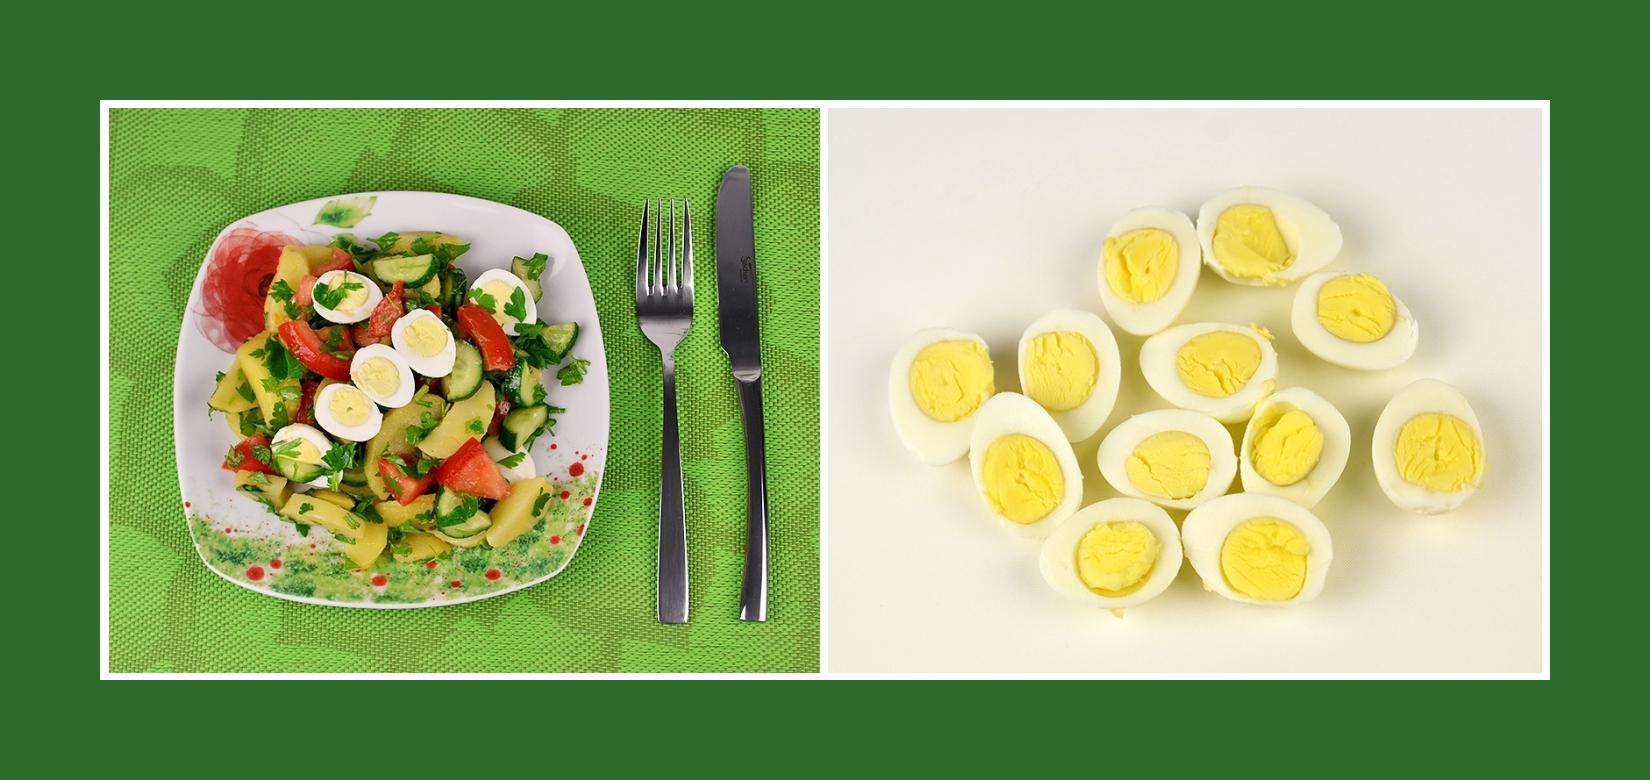 Wachteleier für Kartoffelsalat mit Gemüse